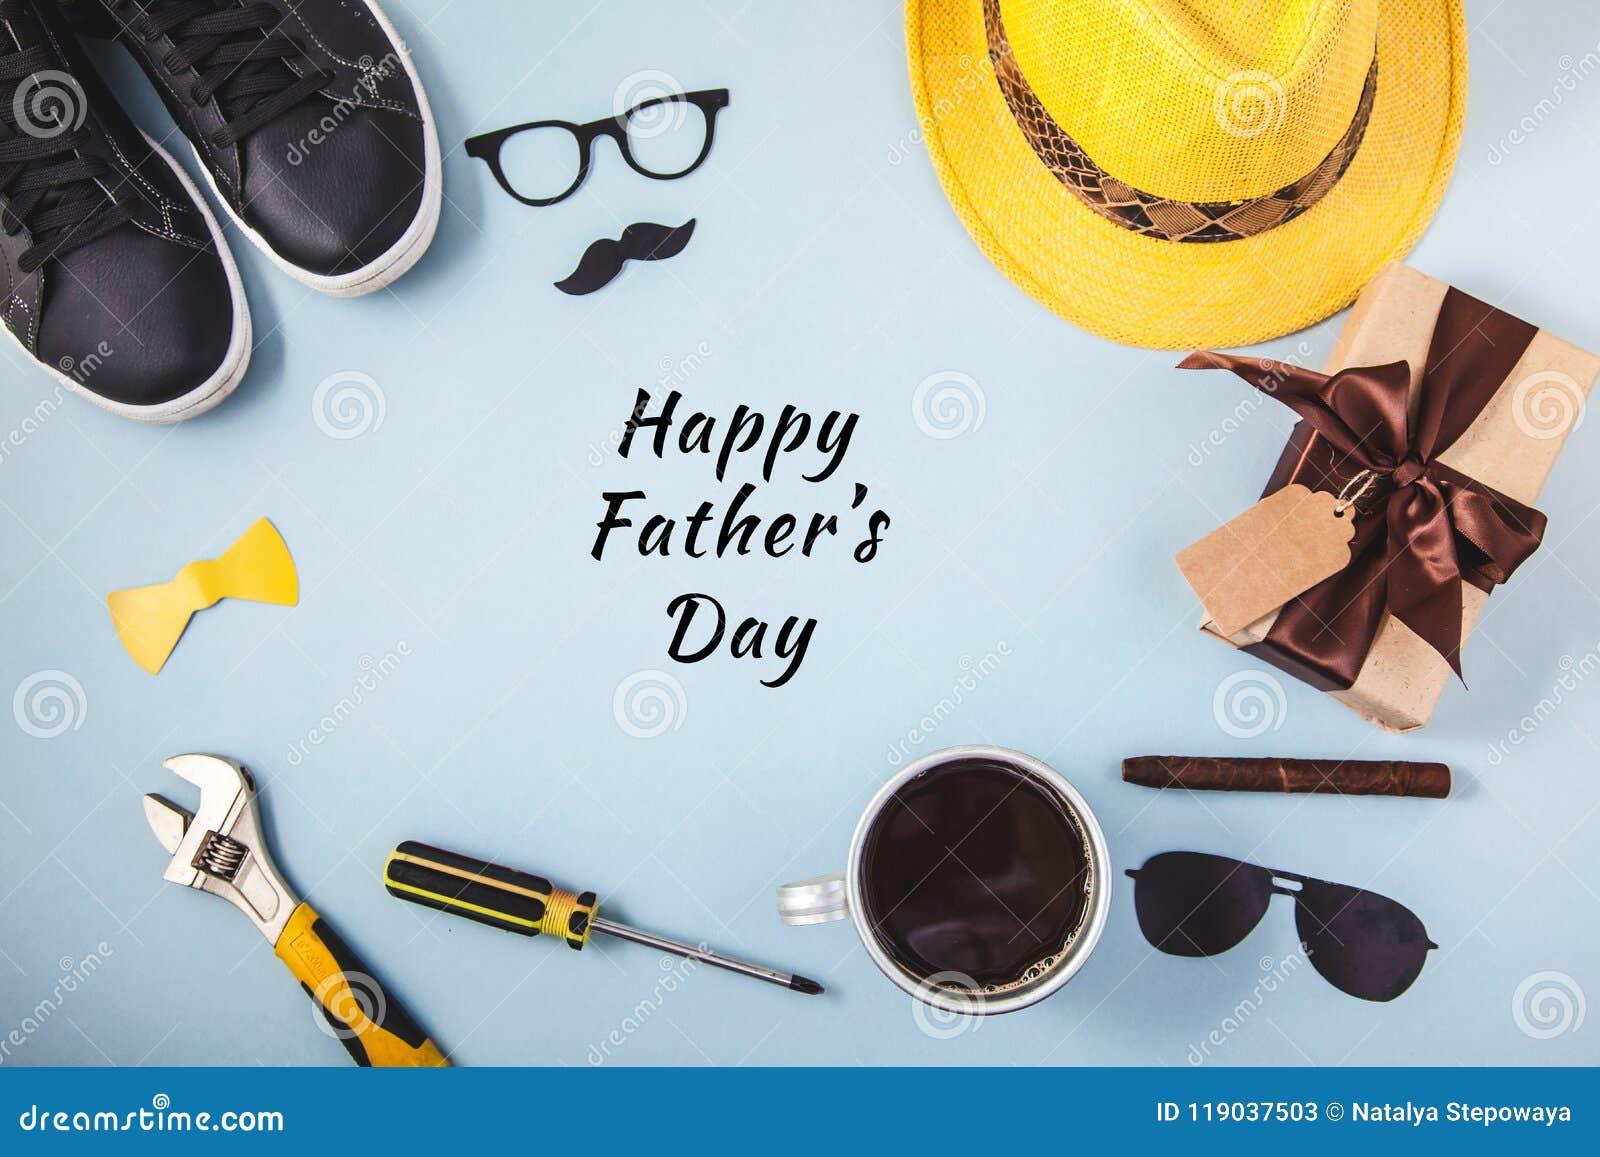 Van de achtergrond of de kaartkop van de Glazentennisschoenen Hulpmiddelen legt de Gele hoed van de vader` s dag van de Gift van